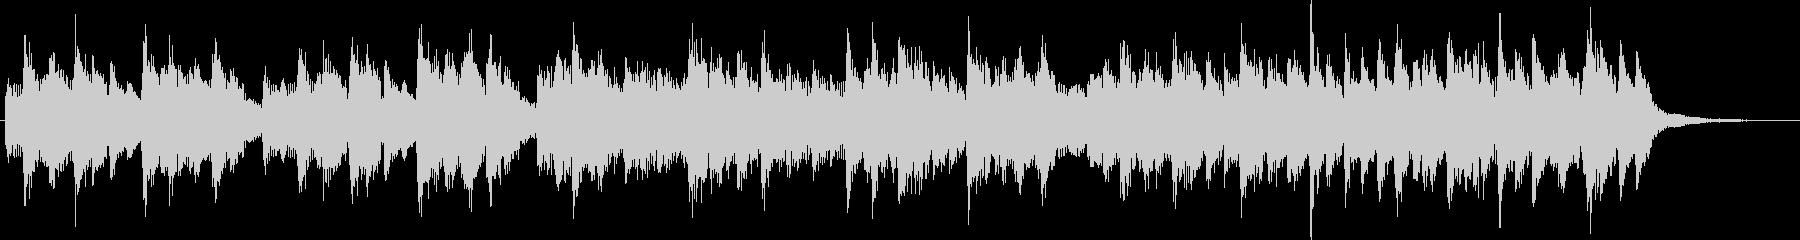 4ビートジャズのジングルの未再生の波形